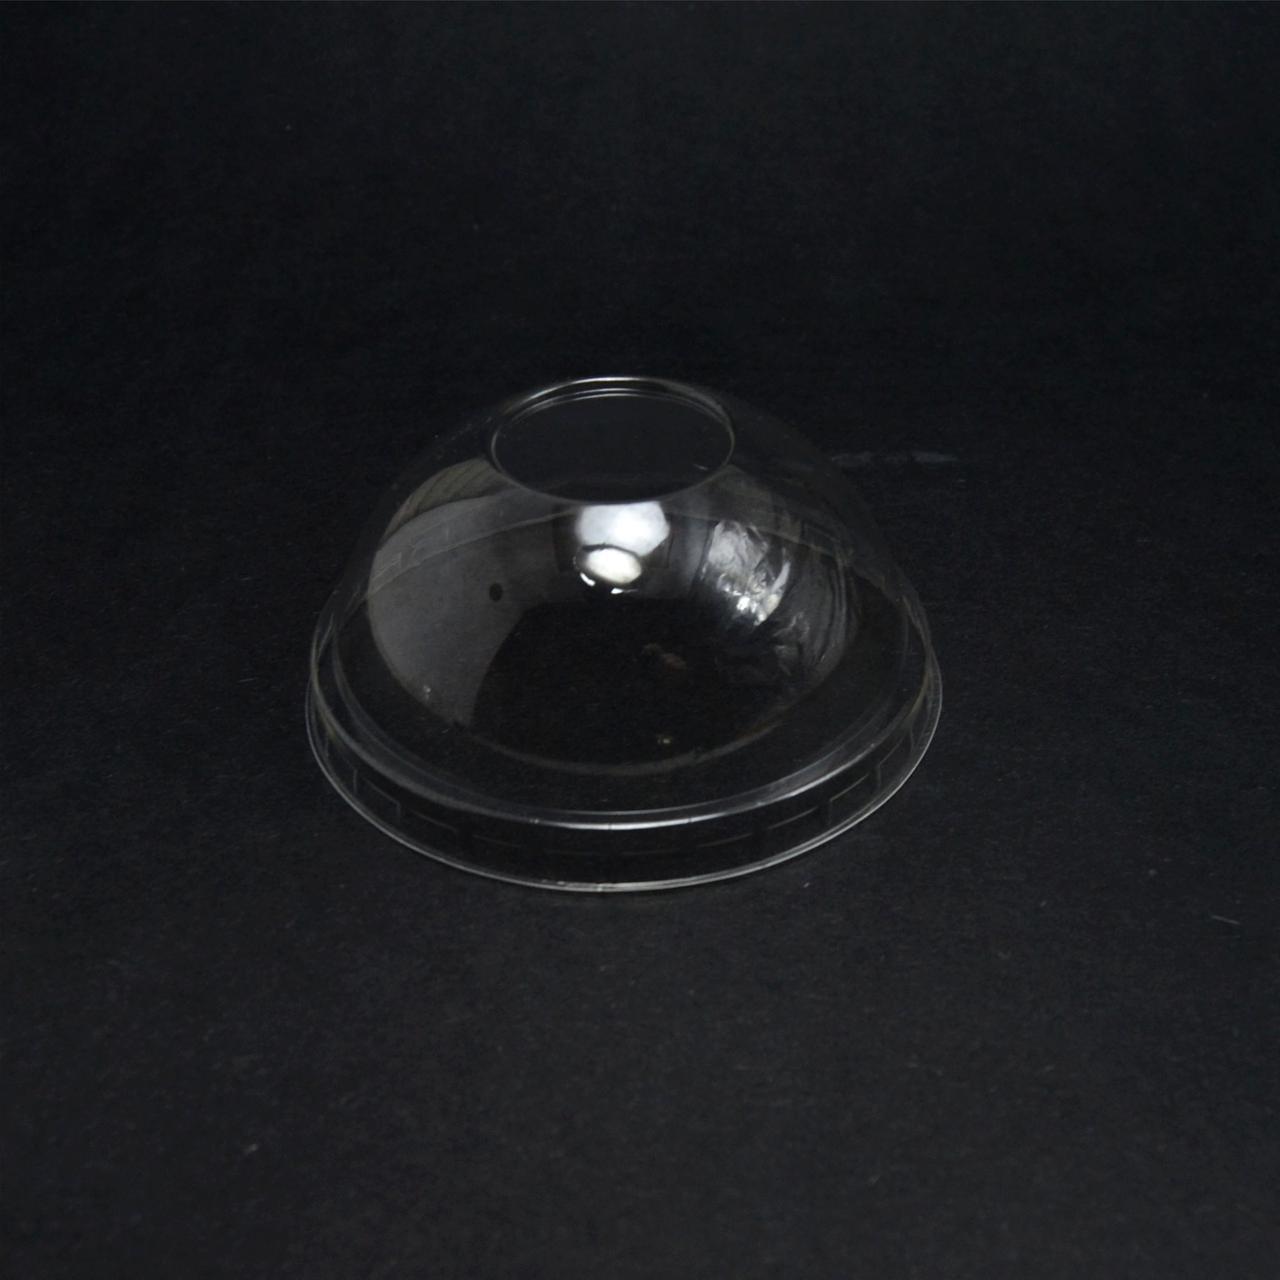 Крышка купольная без отверстием для стакана Ø 95мм РЕТ(180.200,300,420,500) уп/50 штук